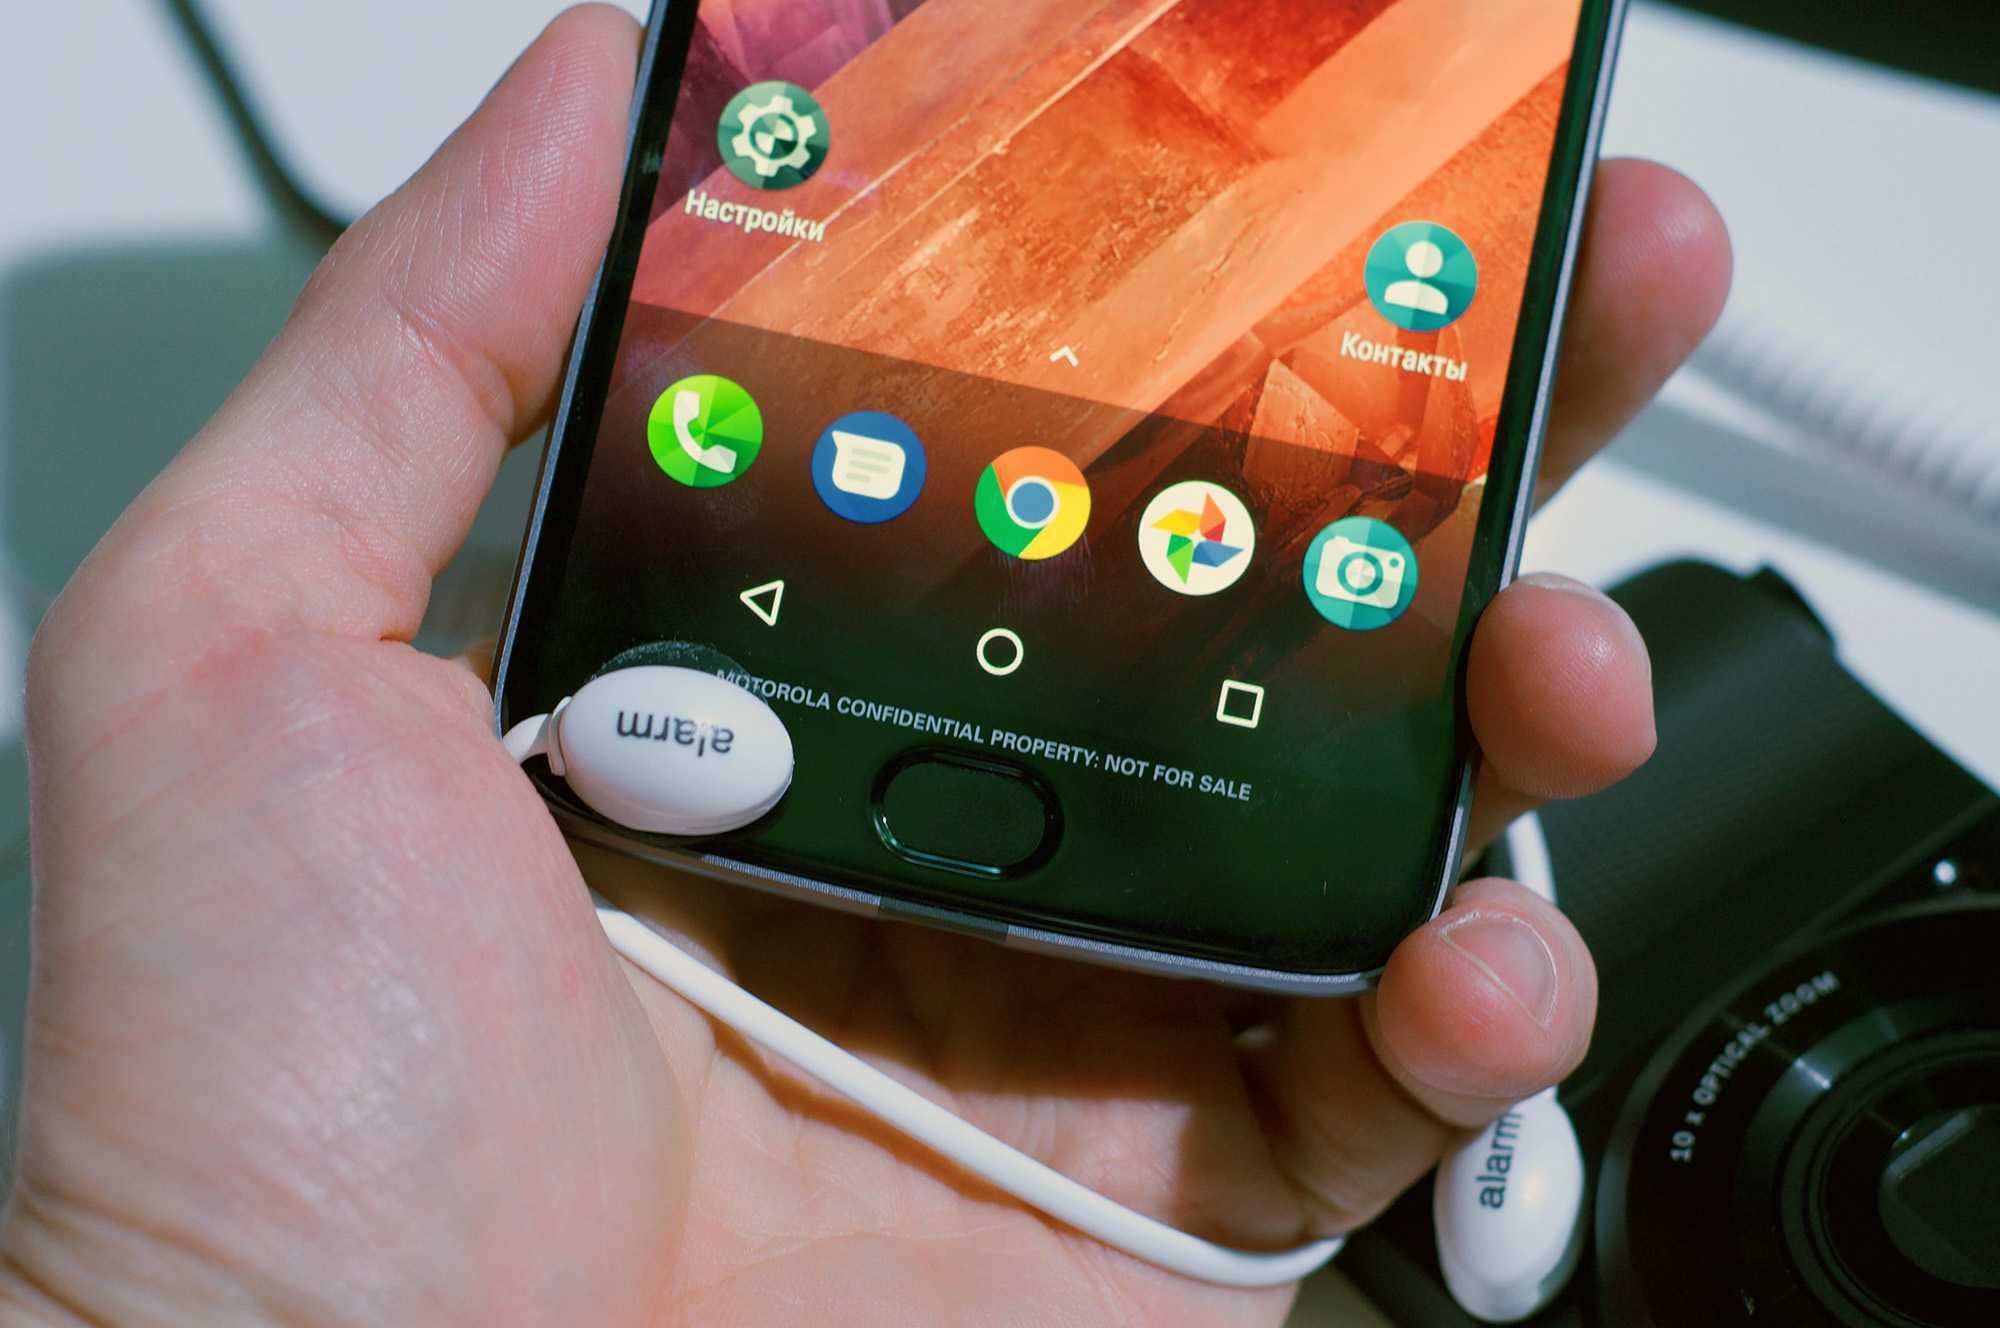 Обзор смартфона motorola razr 2019 – достоинства и недостатки